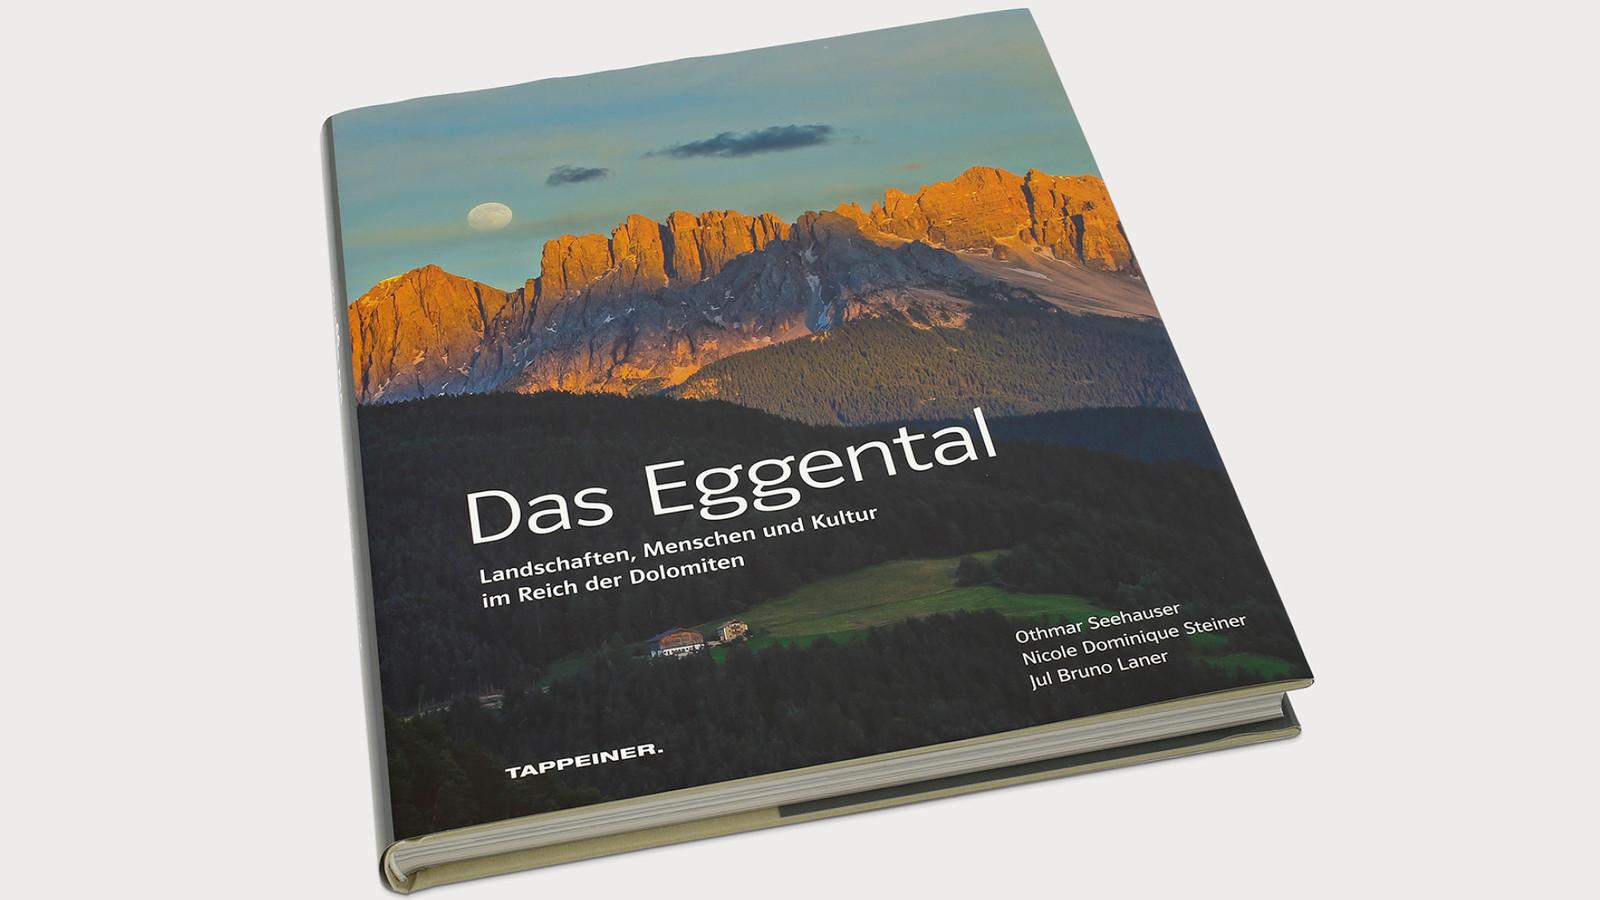 Buch - Tappeinerverlag